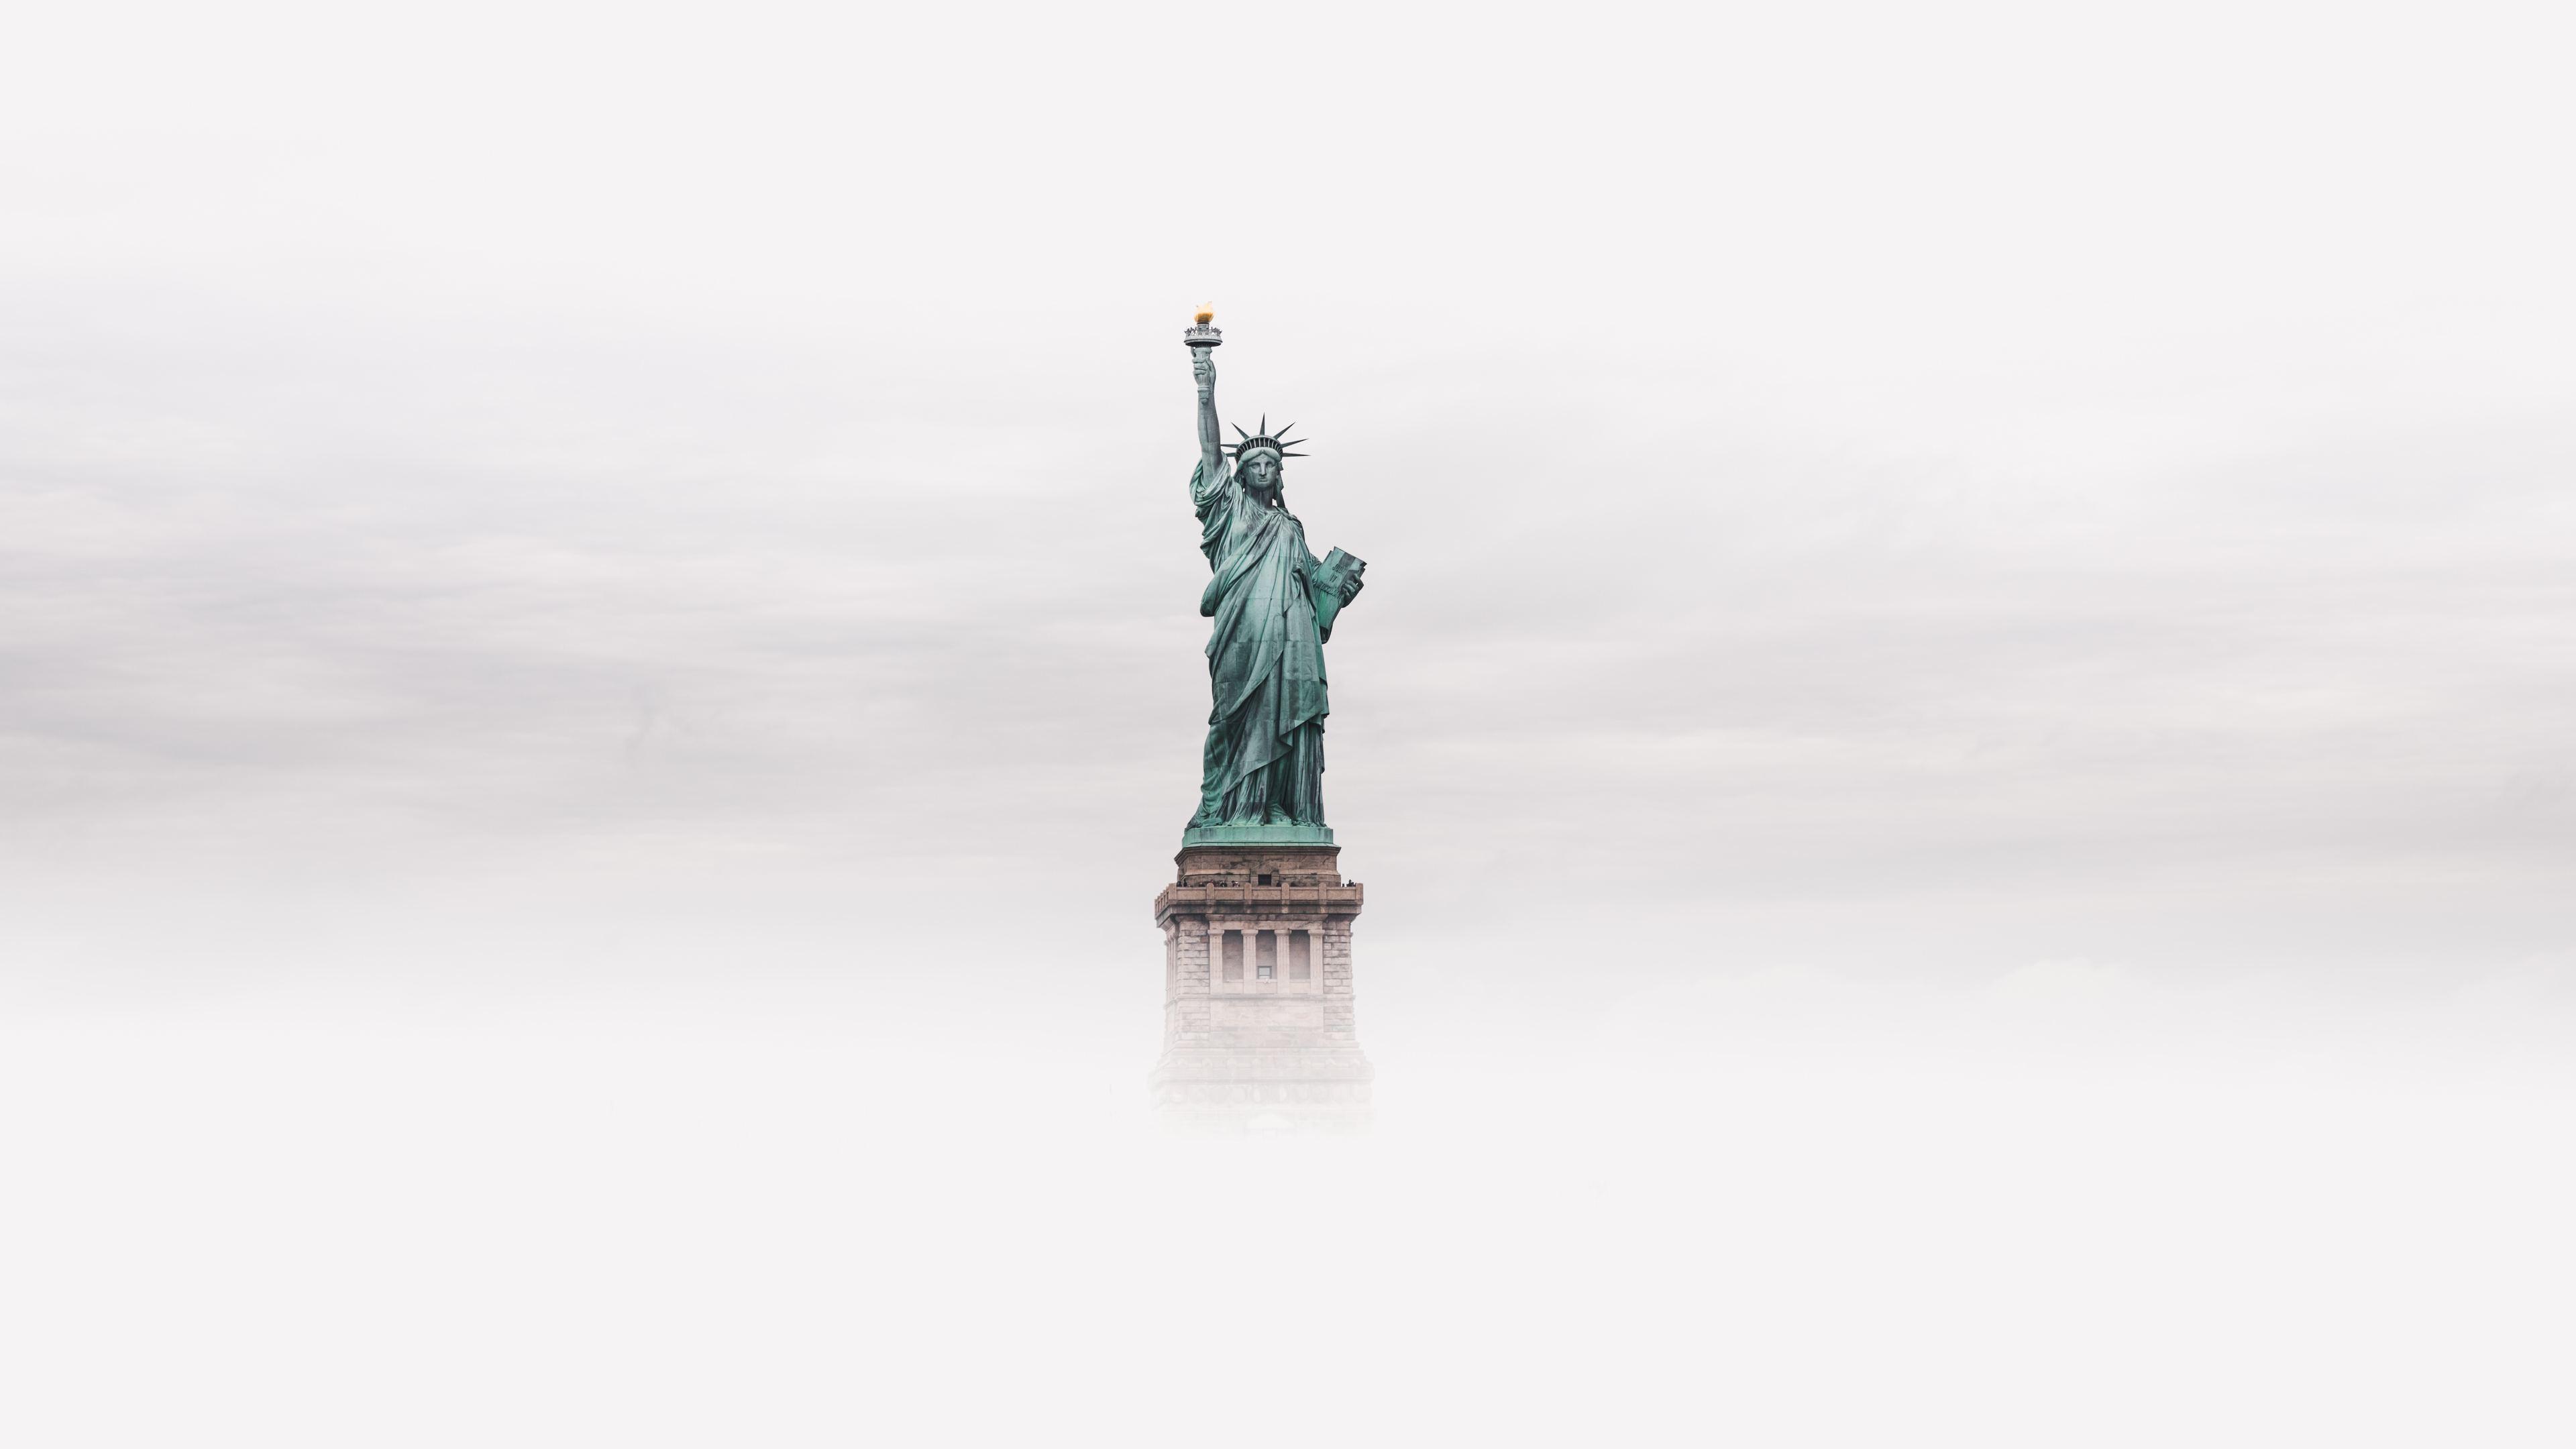 statue of liberty 8k 1538072032 - Statue Of Liberty 8k - world wallpapers, statue of liberty wallpapers, new york wallpapers, hd-wallpapers, clouds wallpapers, 8k wallpapers, 5k wallpapers, 4k-wallpapers